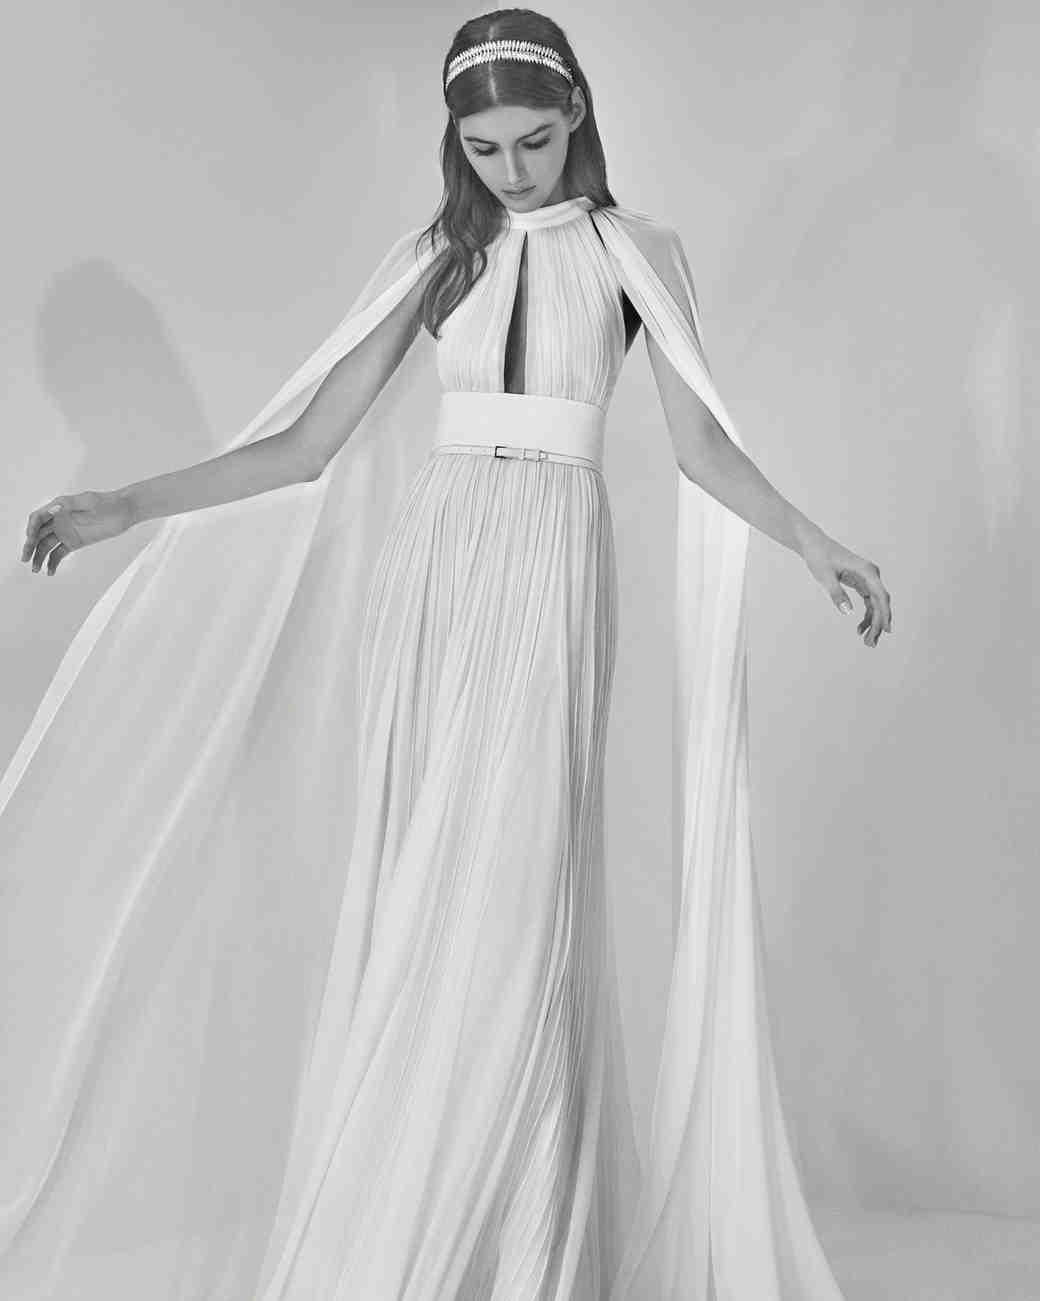 elie saab wedding dresses fall elie saab wedding dress Elie Saab Fall Wedding Dress Collection